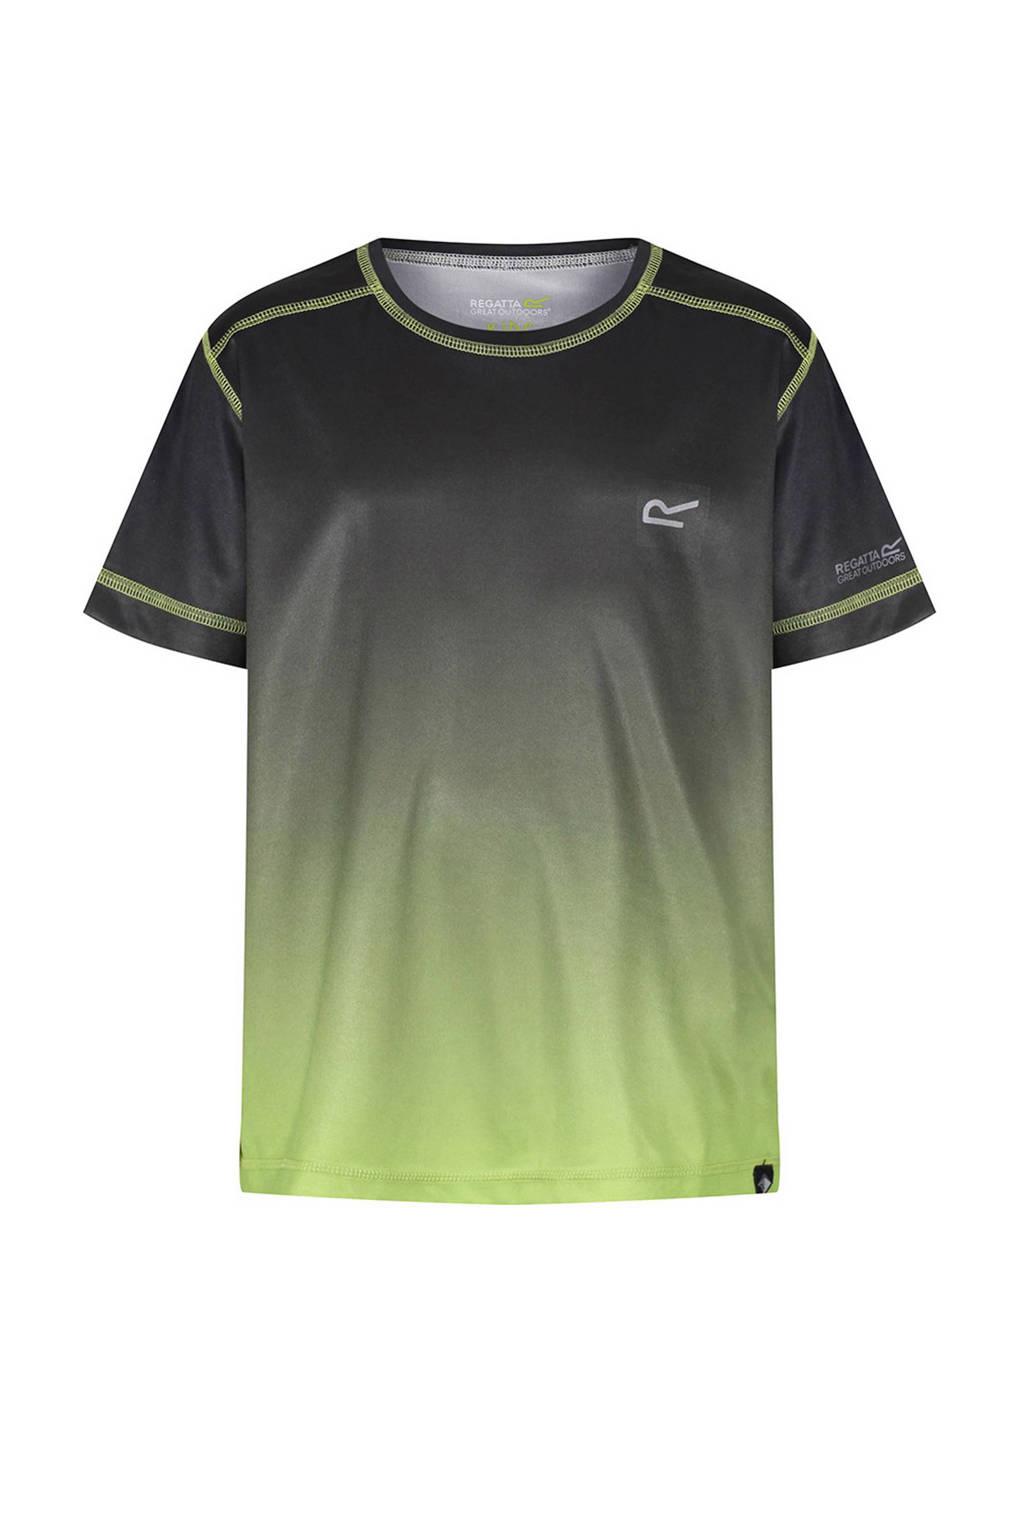 Regatta Fazed outdoor T-shirt grijs/groen, Grijs/groen